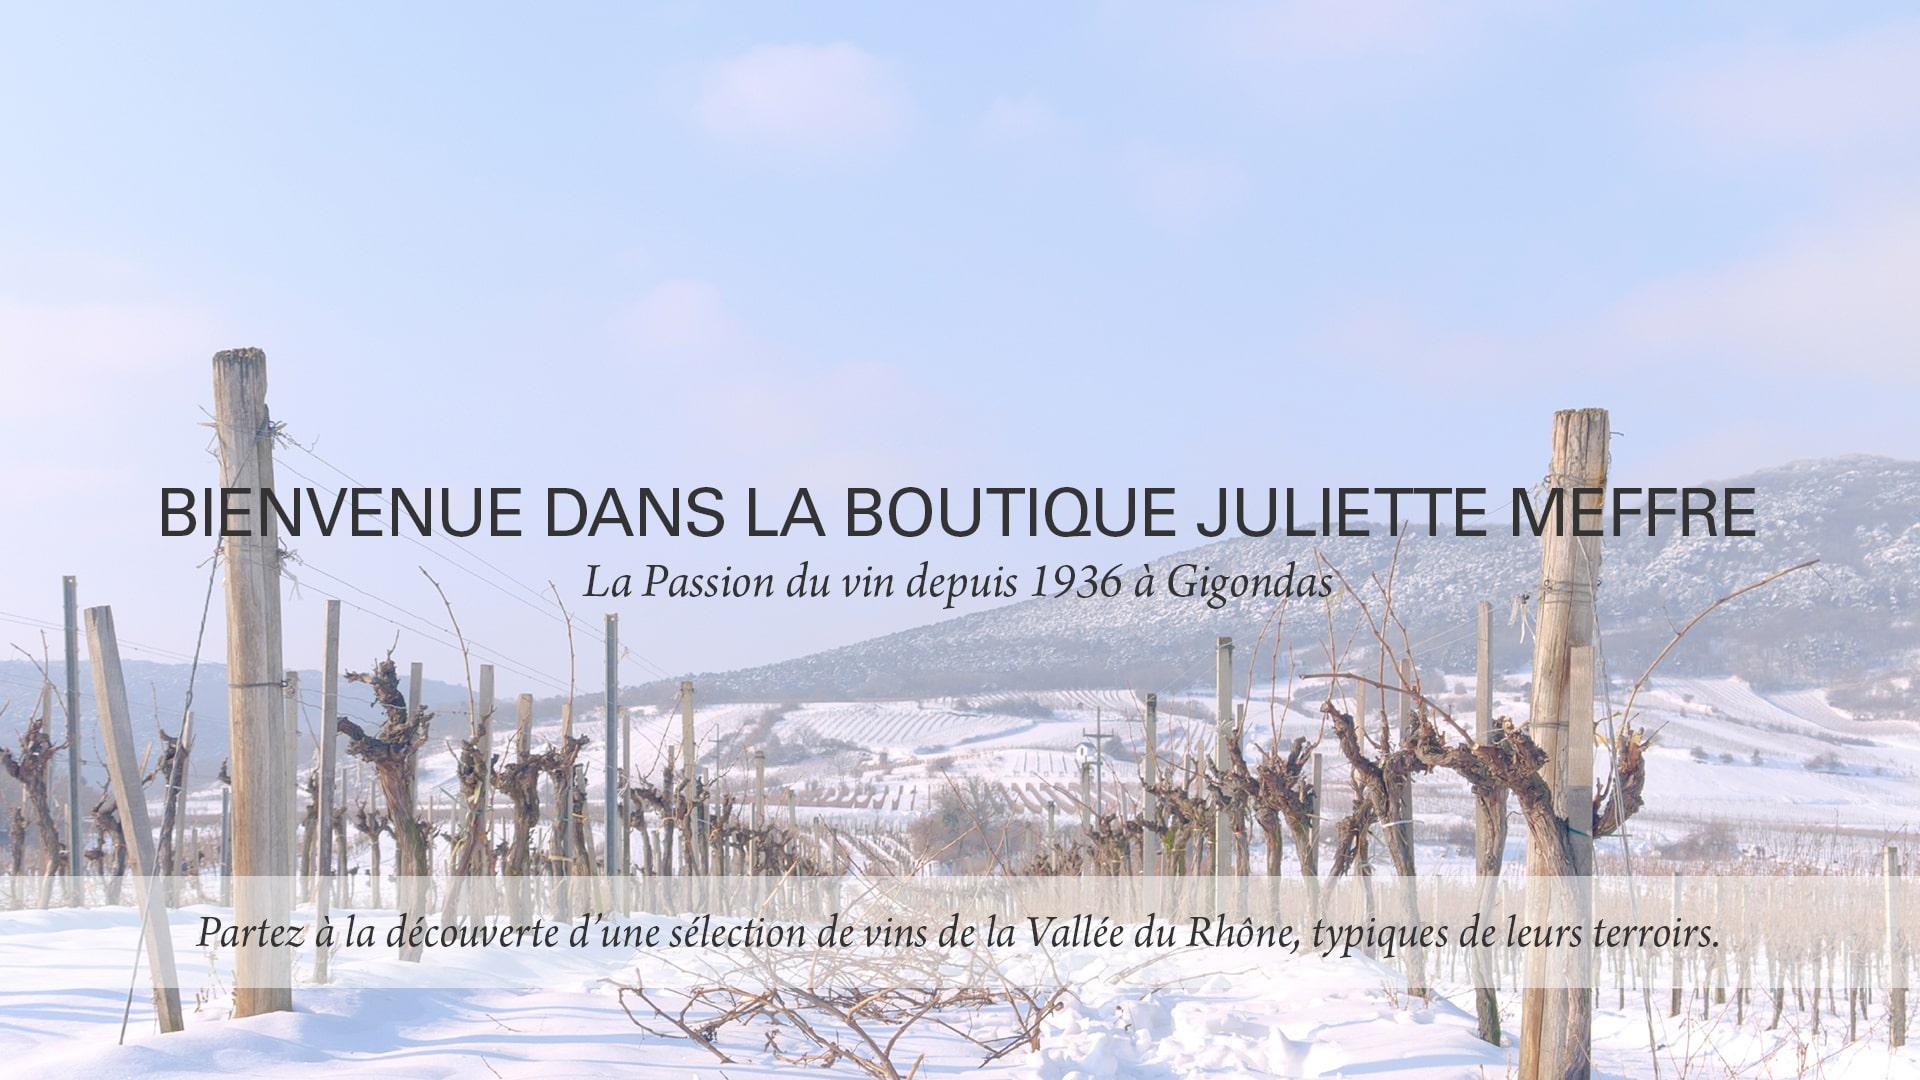 Slide Juliette Meffre hiver dans le Rhône